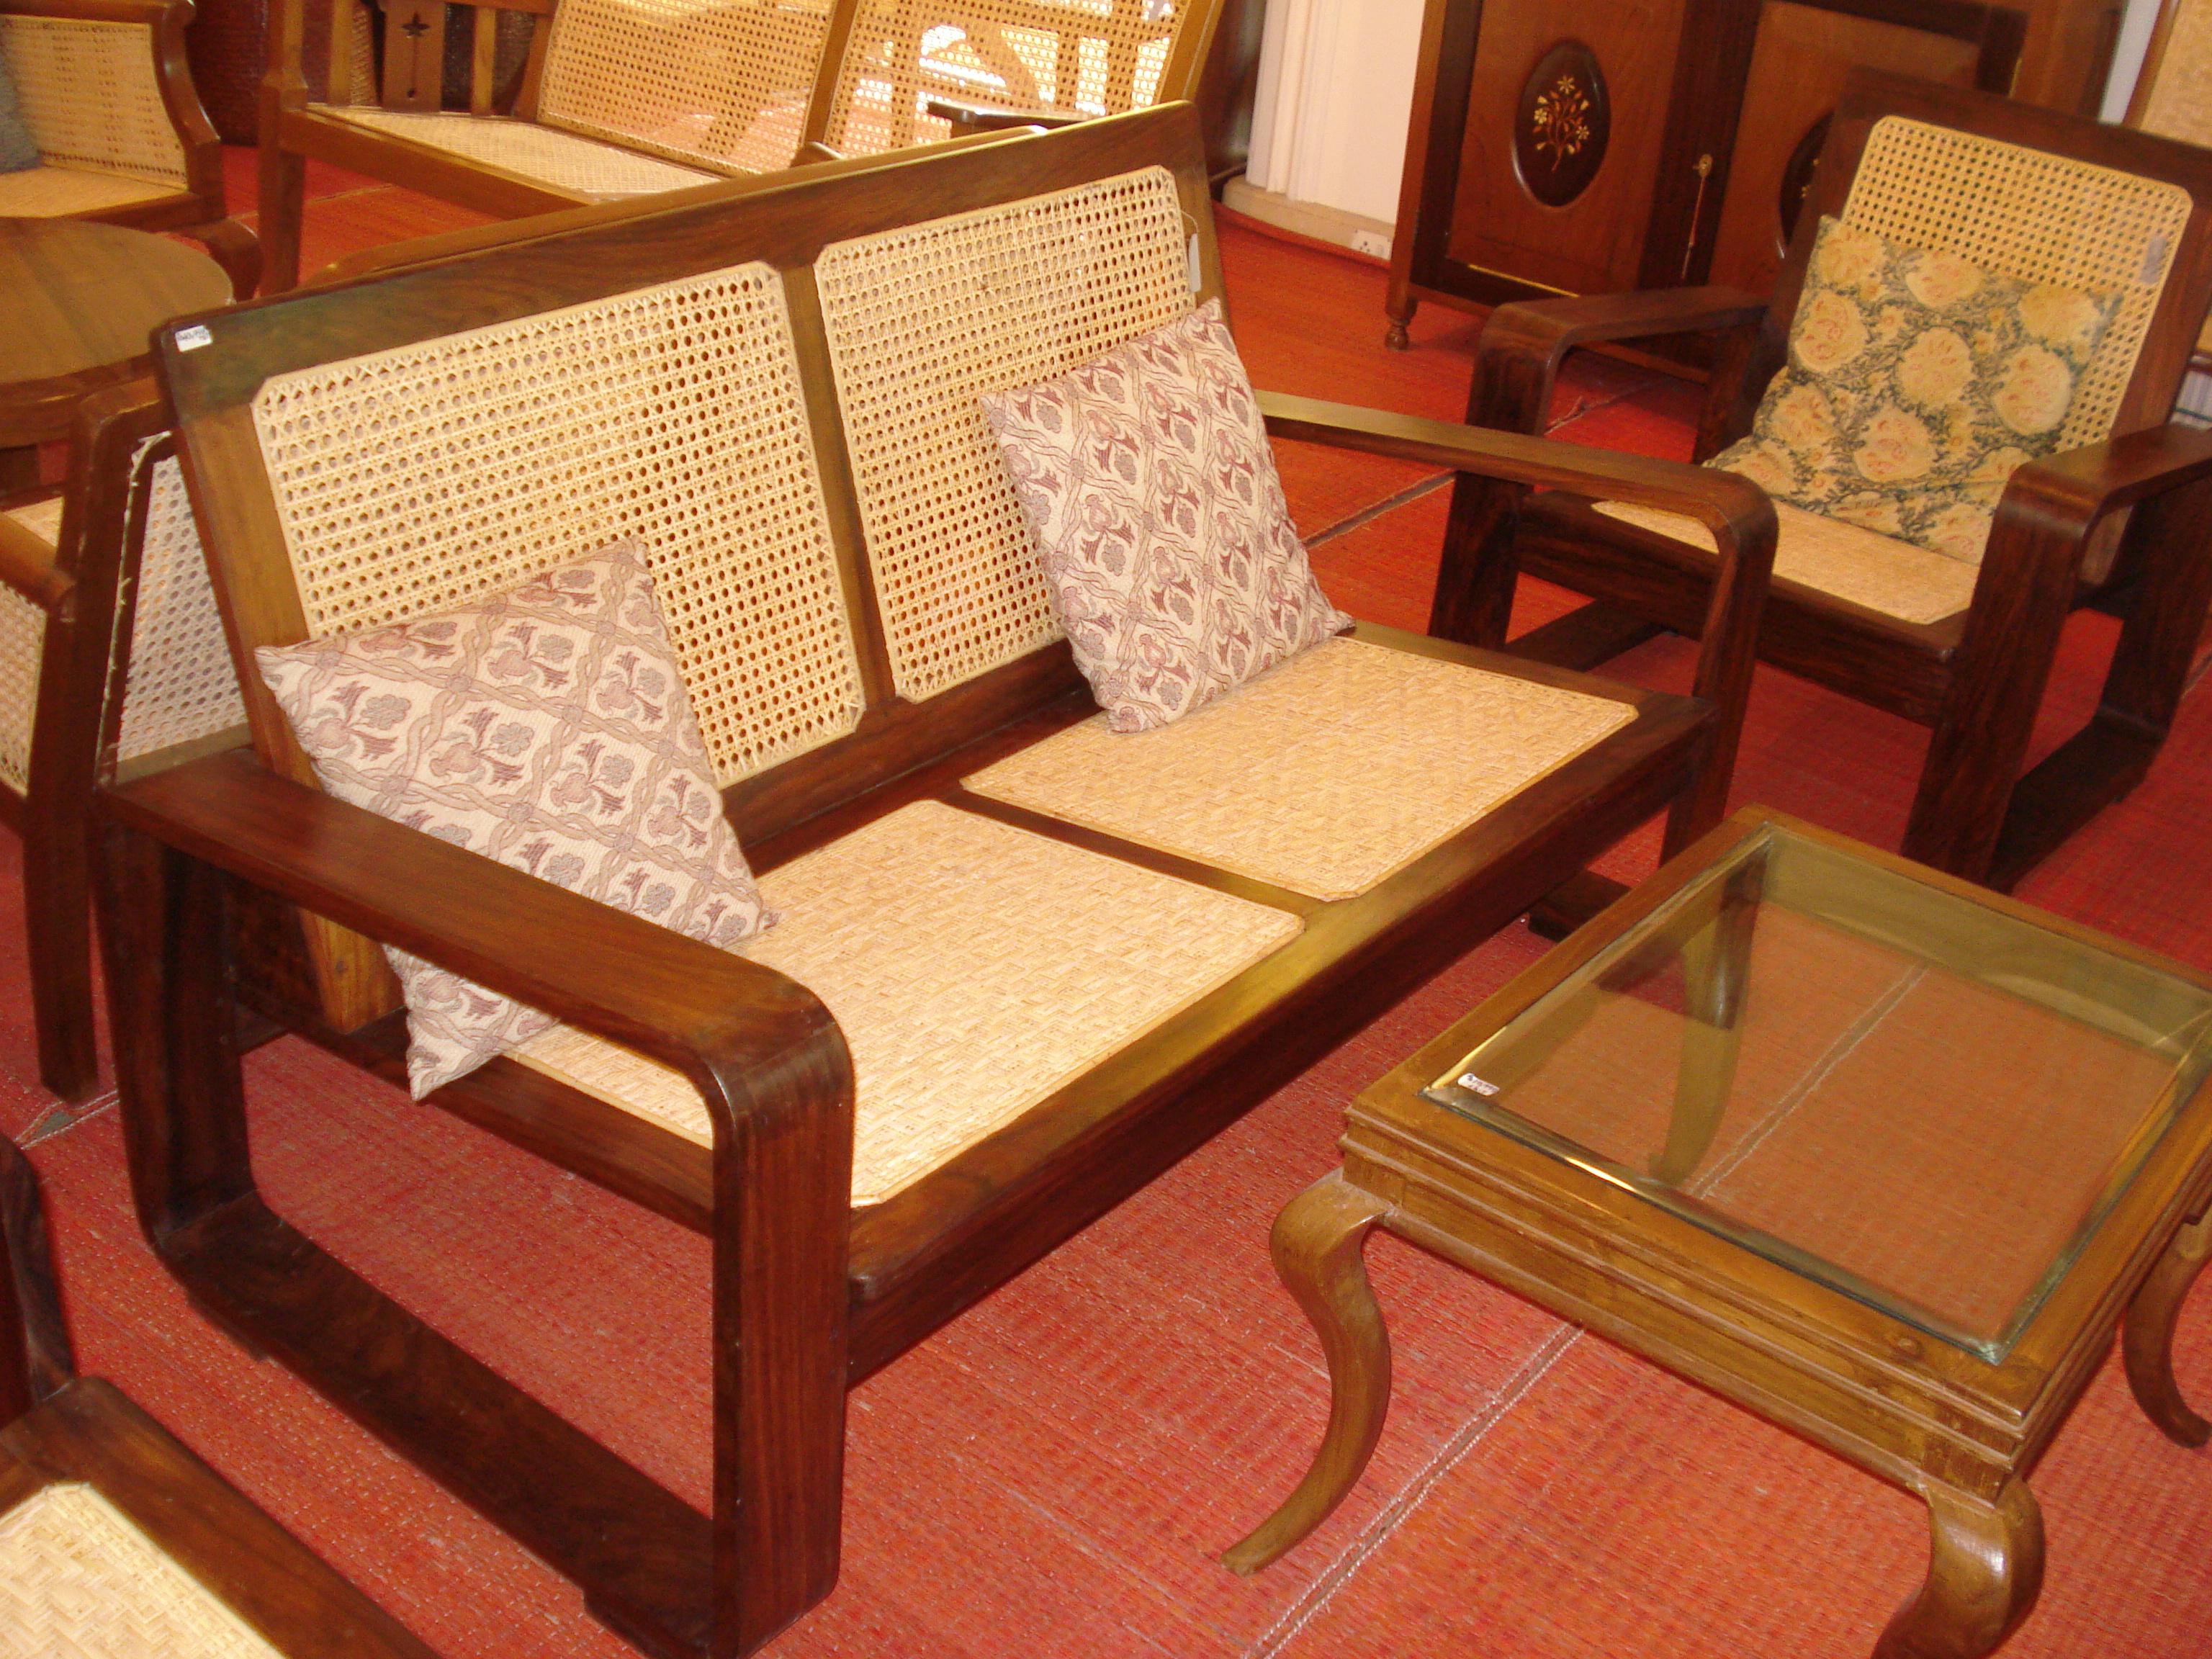 Antique Sofa-set